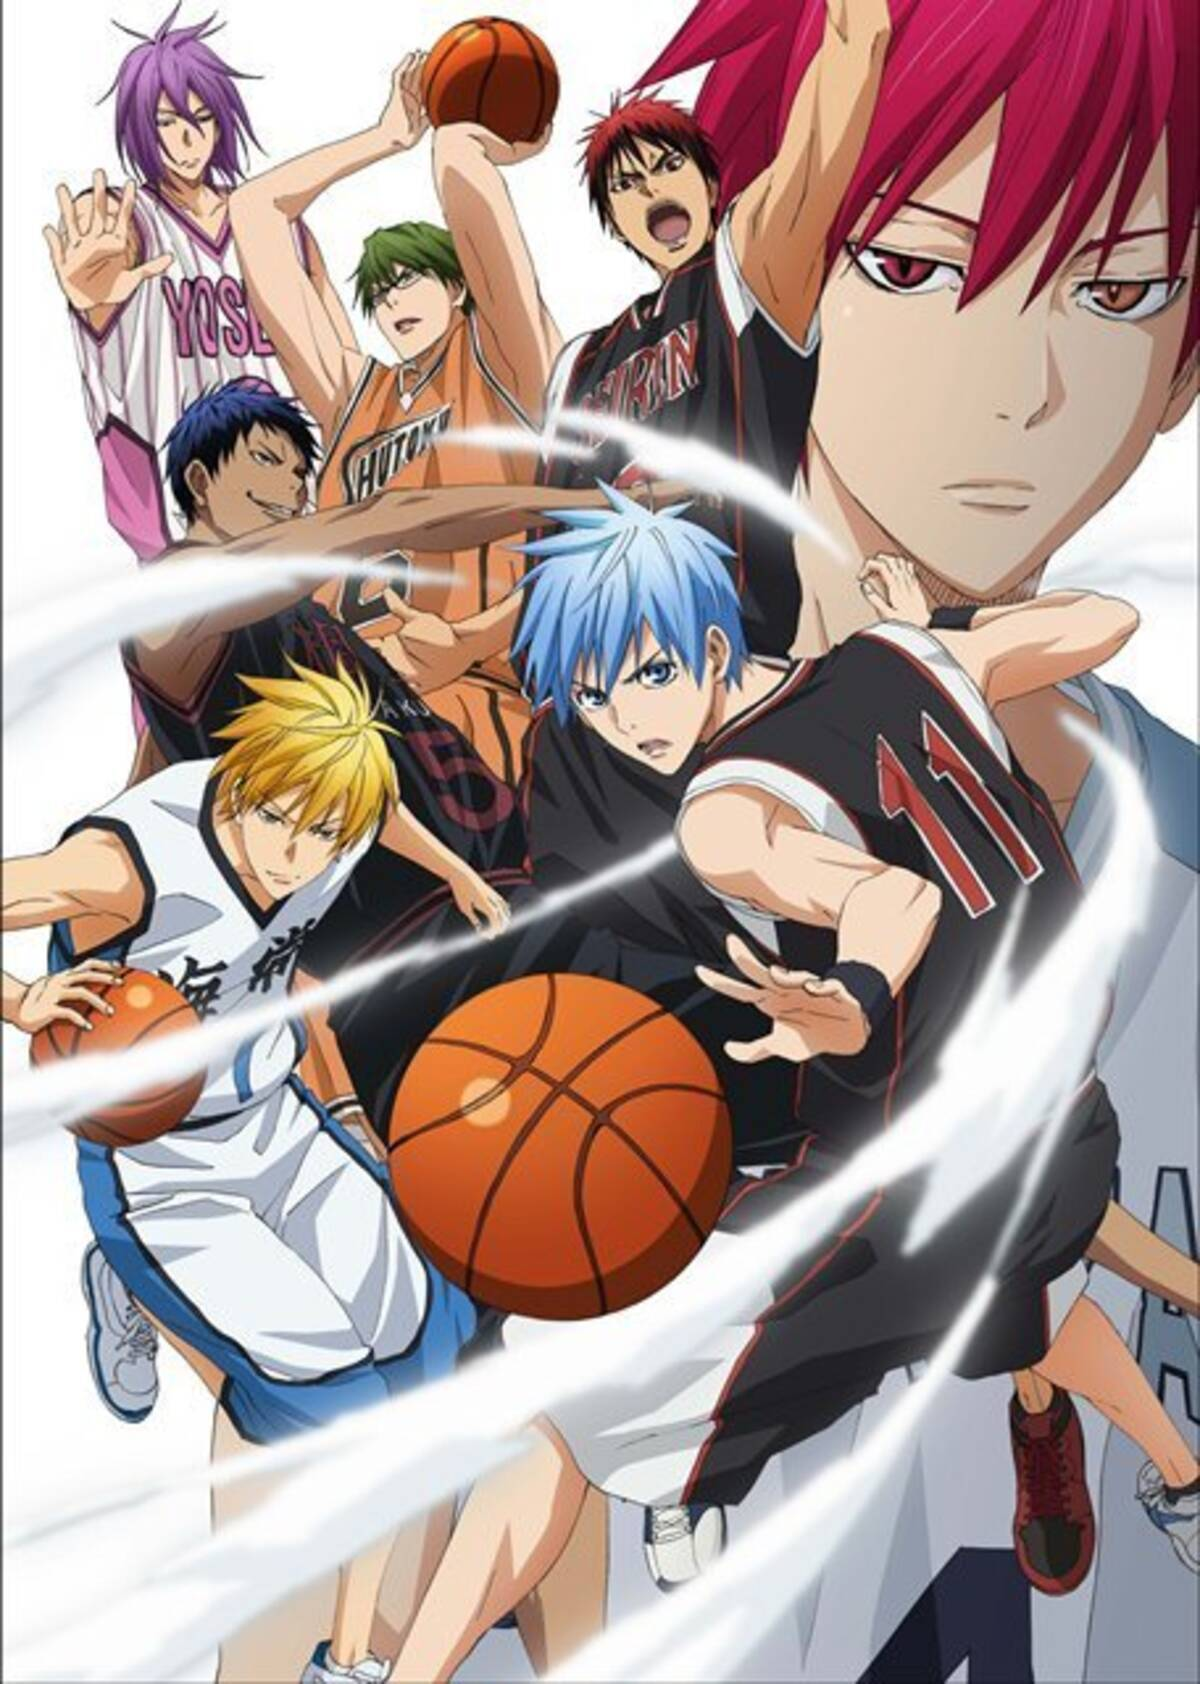 黒子のバスケ 未来へのキズナ 2015年3月26日に発売決定 新たな画像も